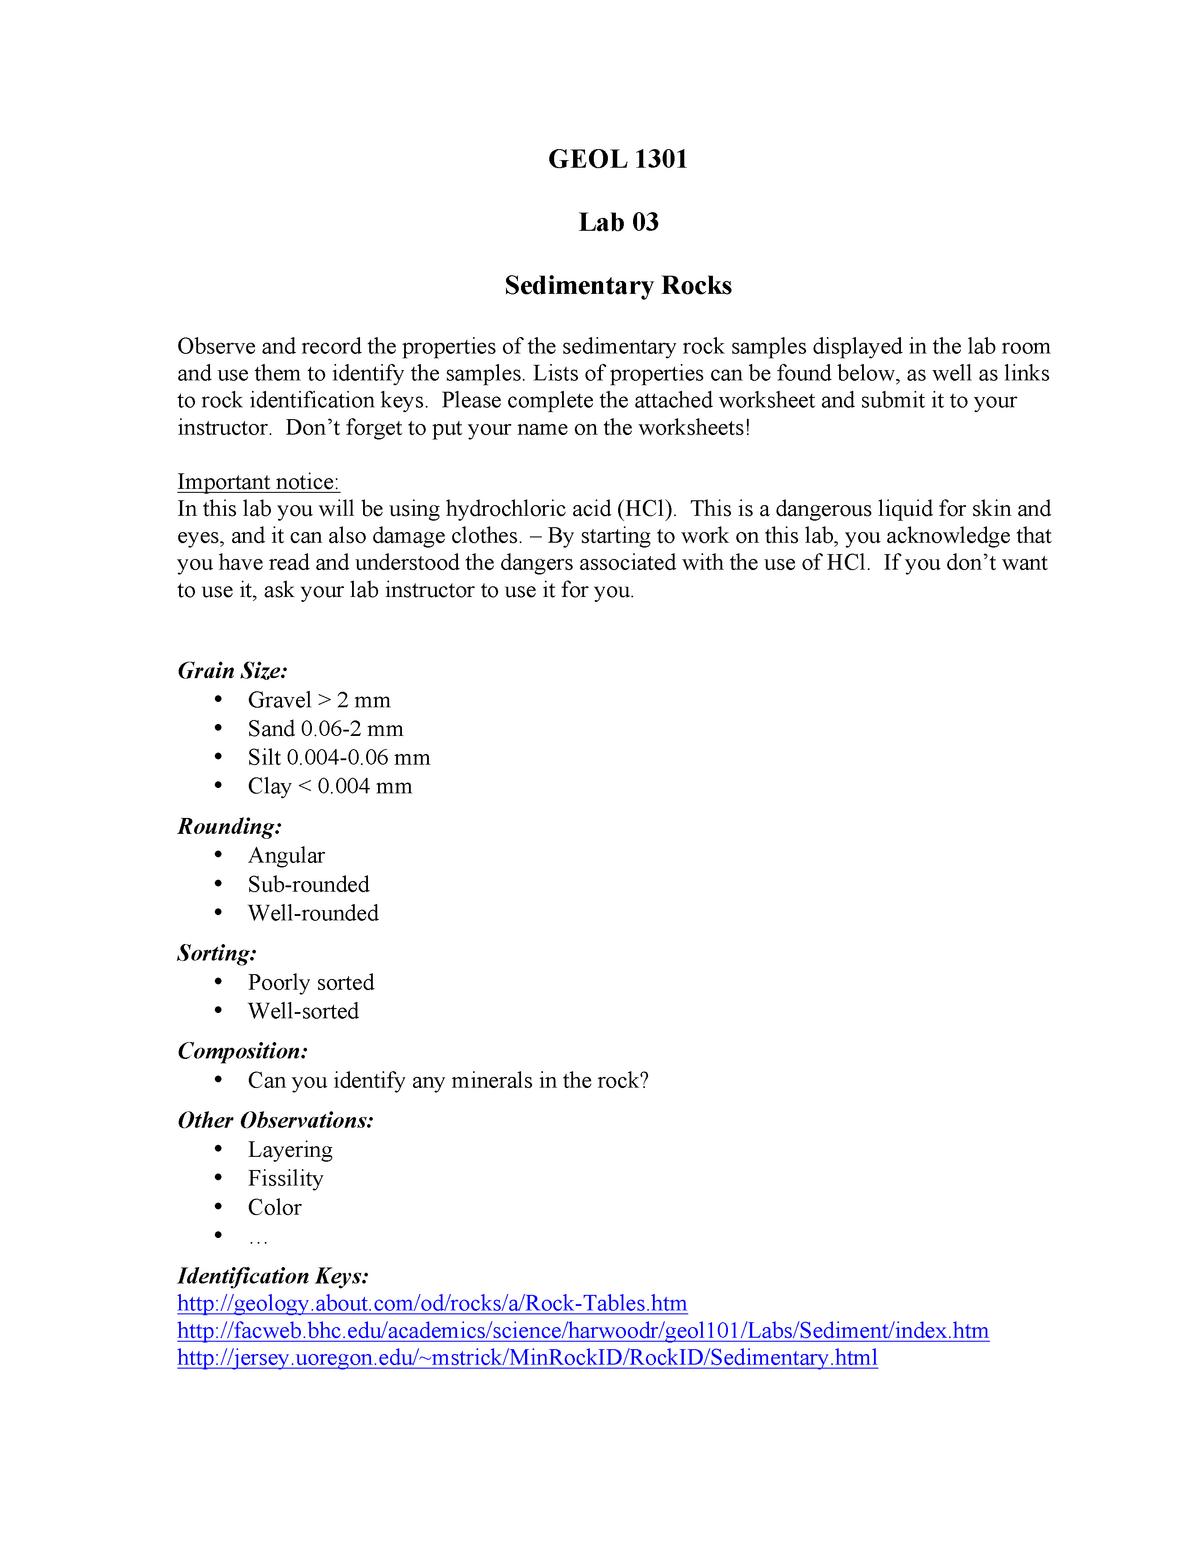 Lab 3 - Sedimentary Rocks - GEOL 1301: EARTH SYSTEMS - StuDocu